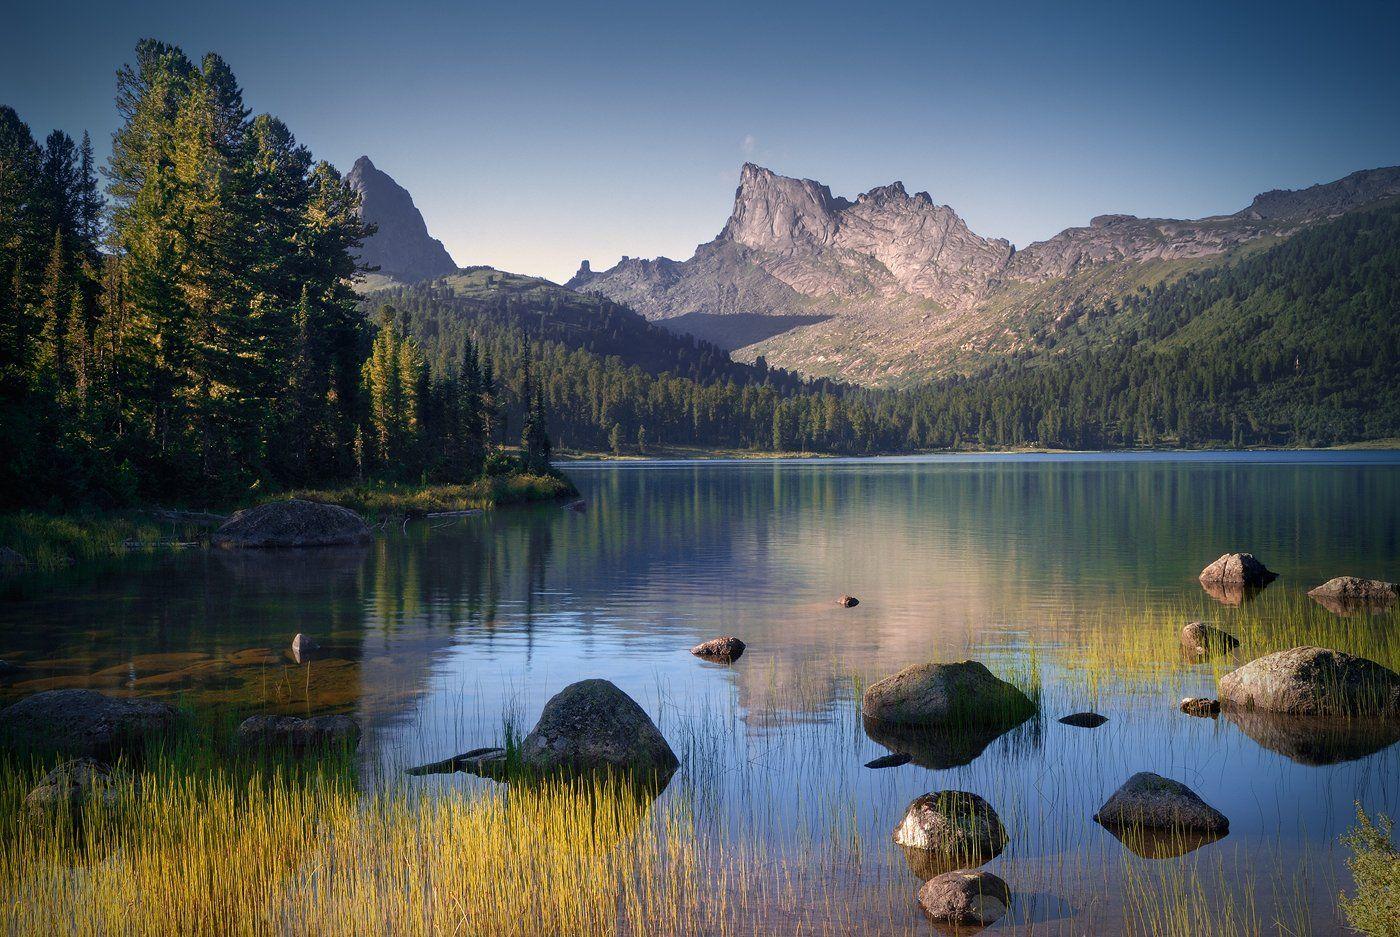 пейзаж, природа, озеро, горы, скалы, вершина, хребет, ергаки, саяны, красноярский край, вода, камни, осока, отражения, трава, высокий, большой, красивая, Дмитрий Антипов